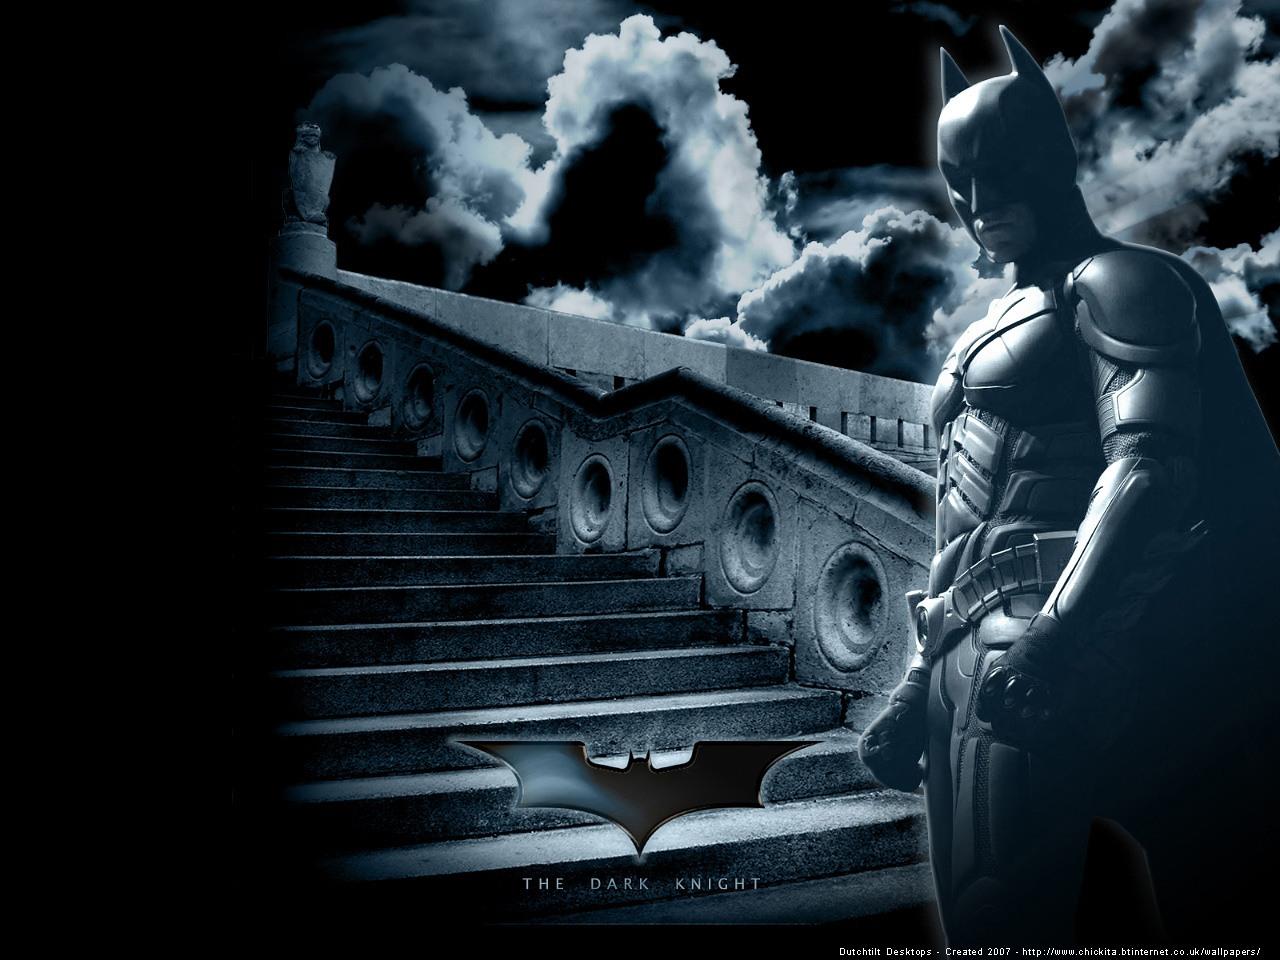 http://3.bp.blogspot.com/-evGA7qZkz9s/UGPQ4pwLxKI/AAAAAAAACxk/qZ0mH_t_sC8/s1600/The-Dark-Knight-batman-581645_1280_960.jpg